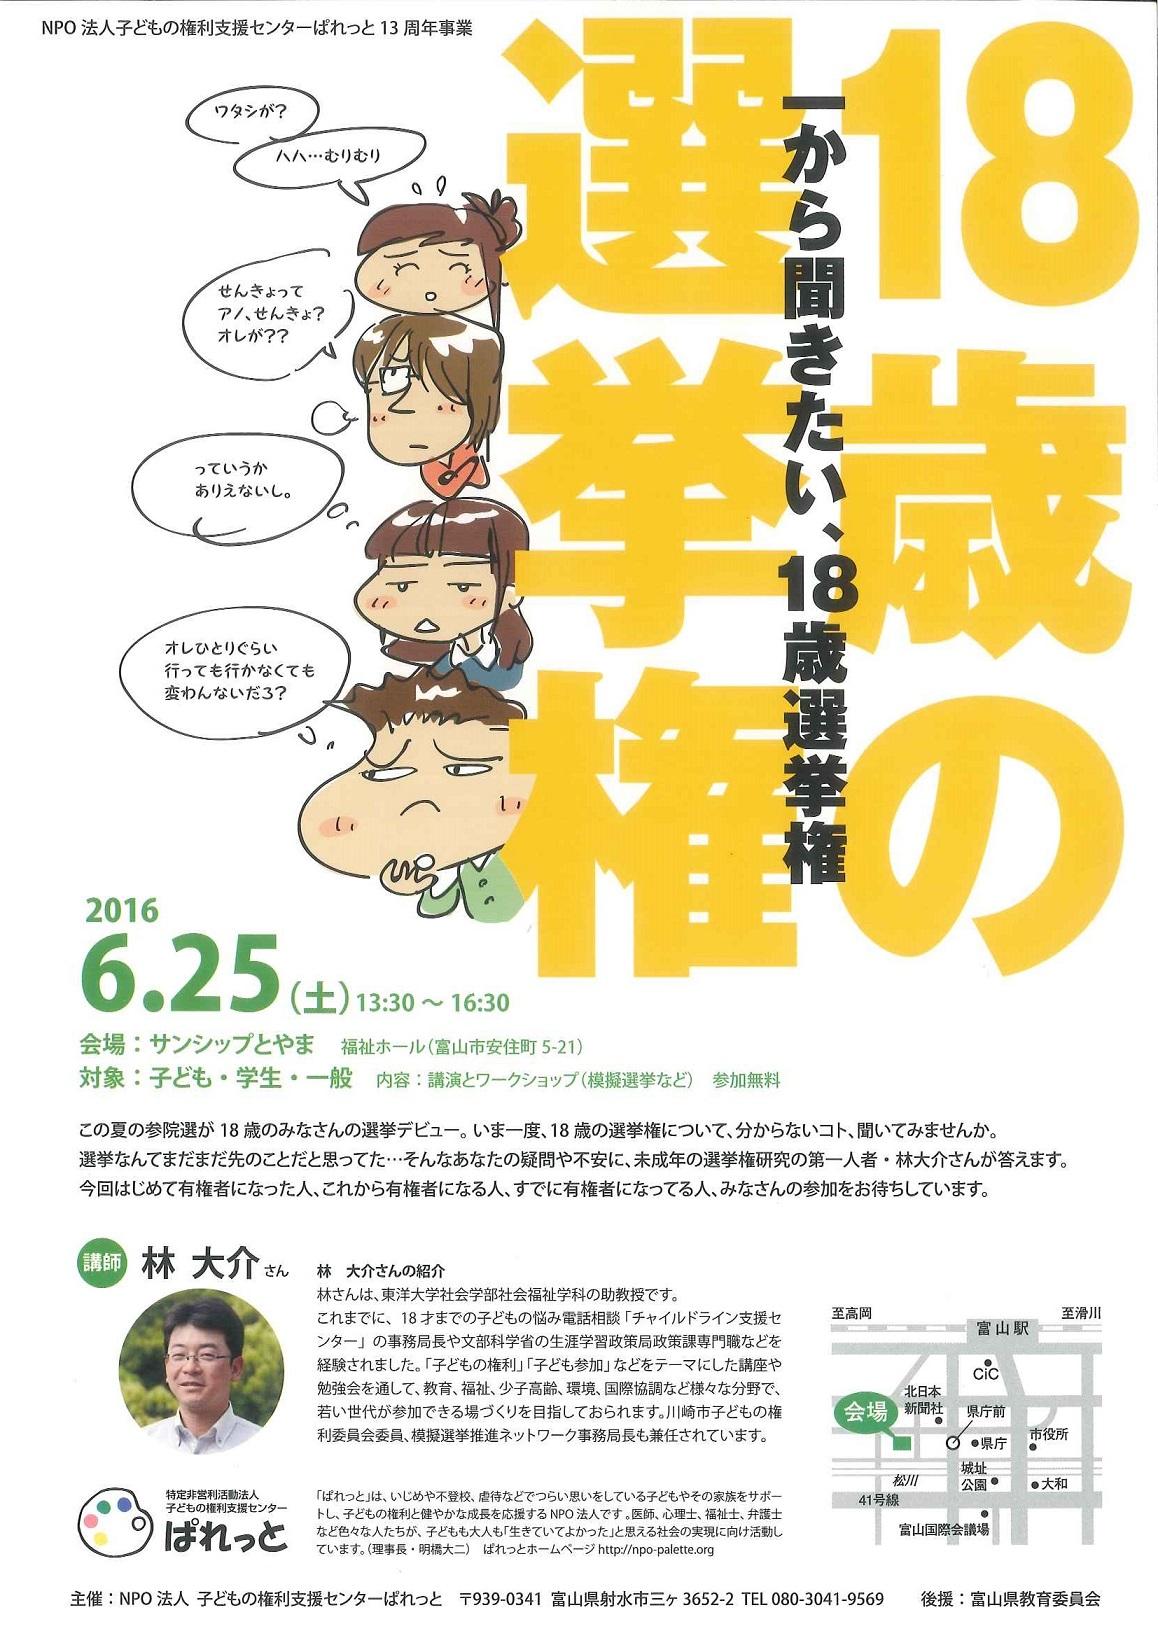 http://npo-palette.org/information/senkyo.jpg